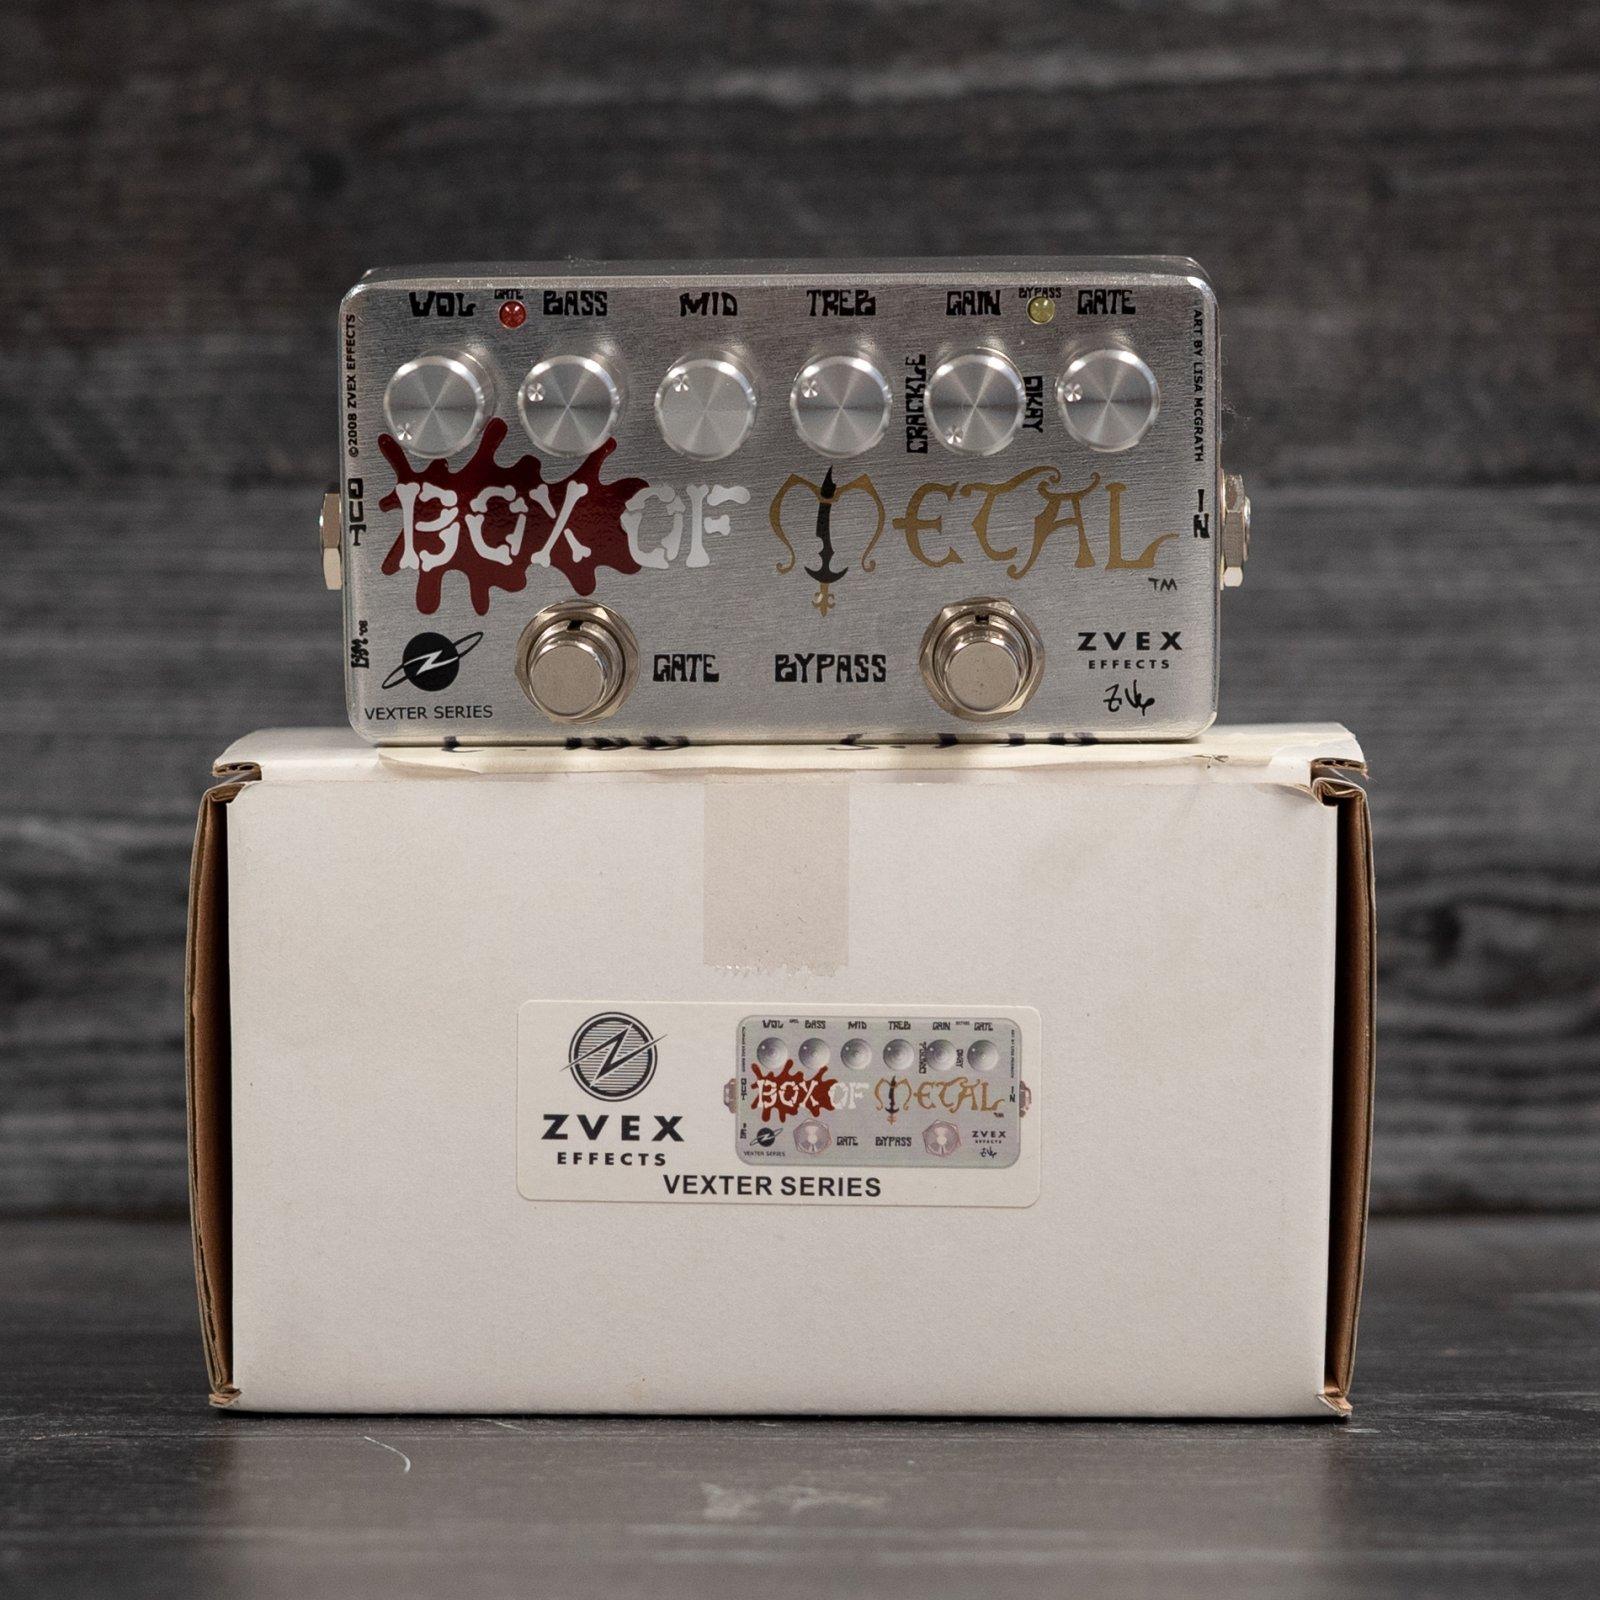 Zvex Vexter Box of Metal (USED)